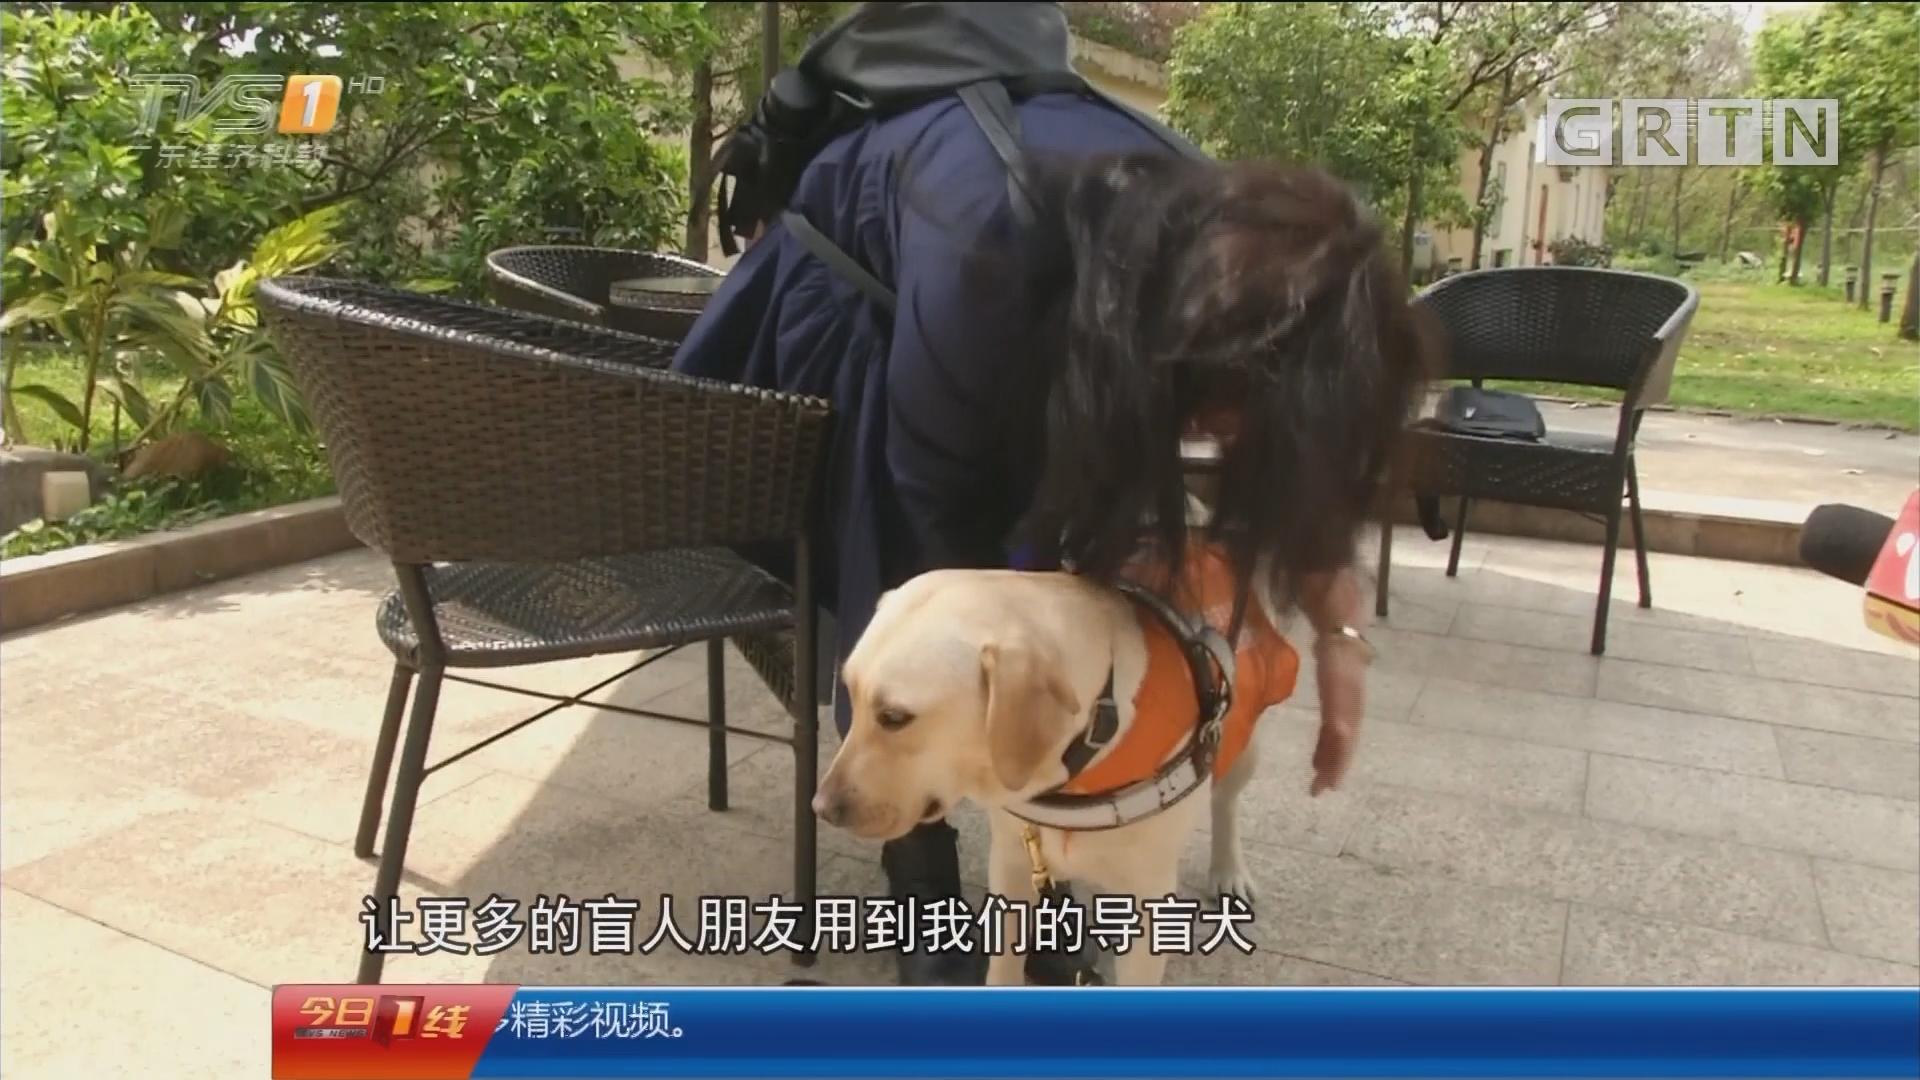 广州:暖心导盲犬 黑暗与光明间的摆渡者